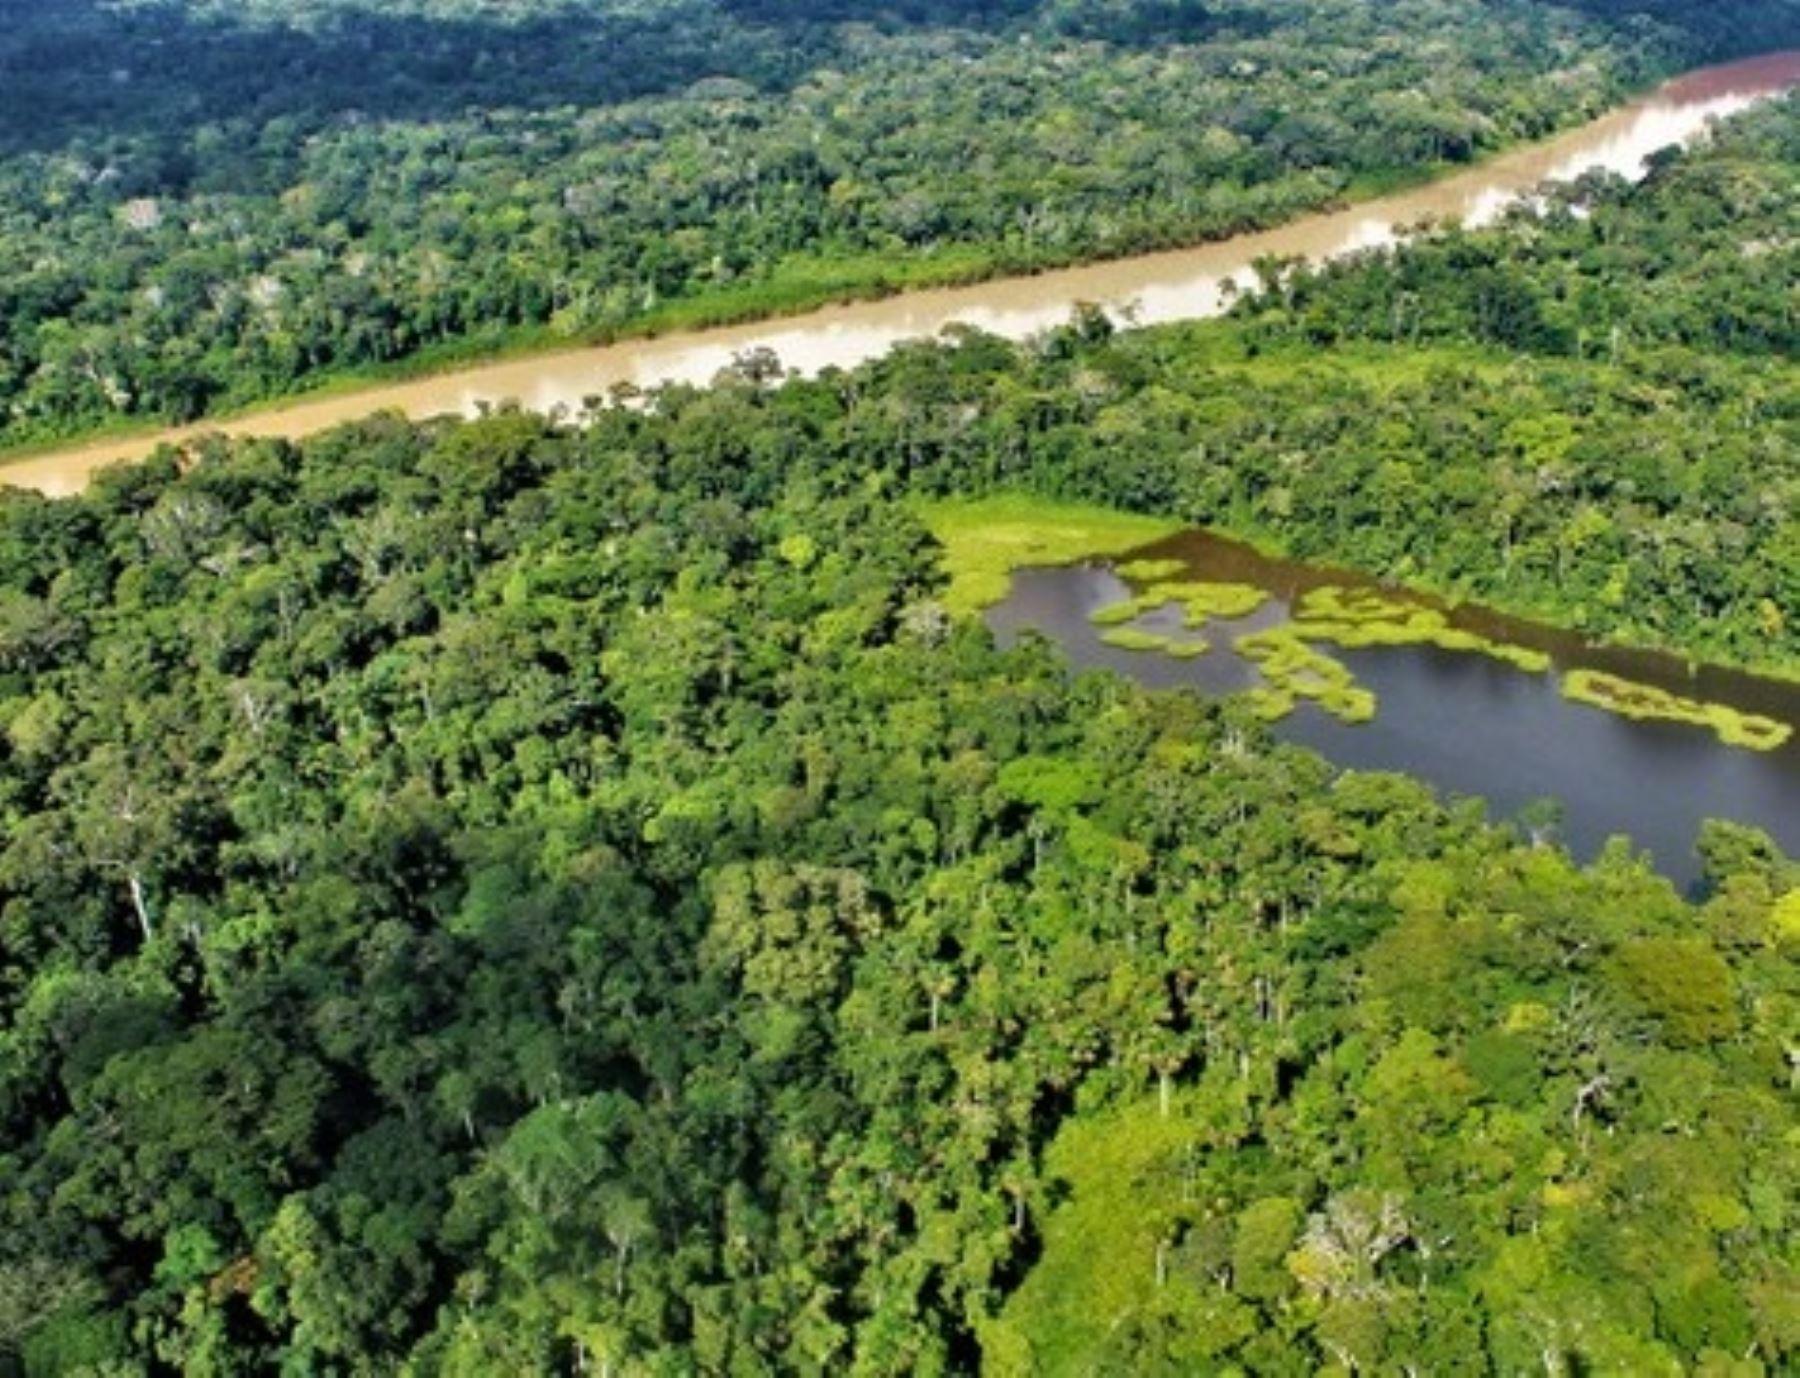 El Minam anunció que se invertirán US$ 50 millones para la ejecución de cuatro proyectos para reducir la deforestación en la Amazonía peruana. ANDINA/Difusión